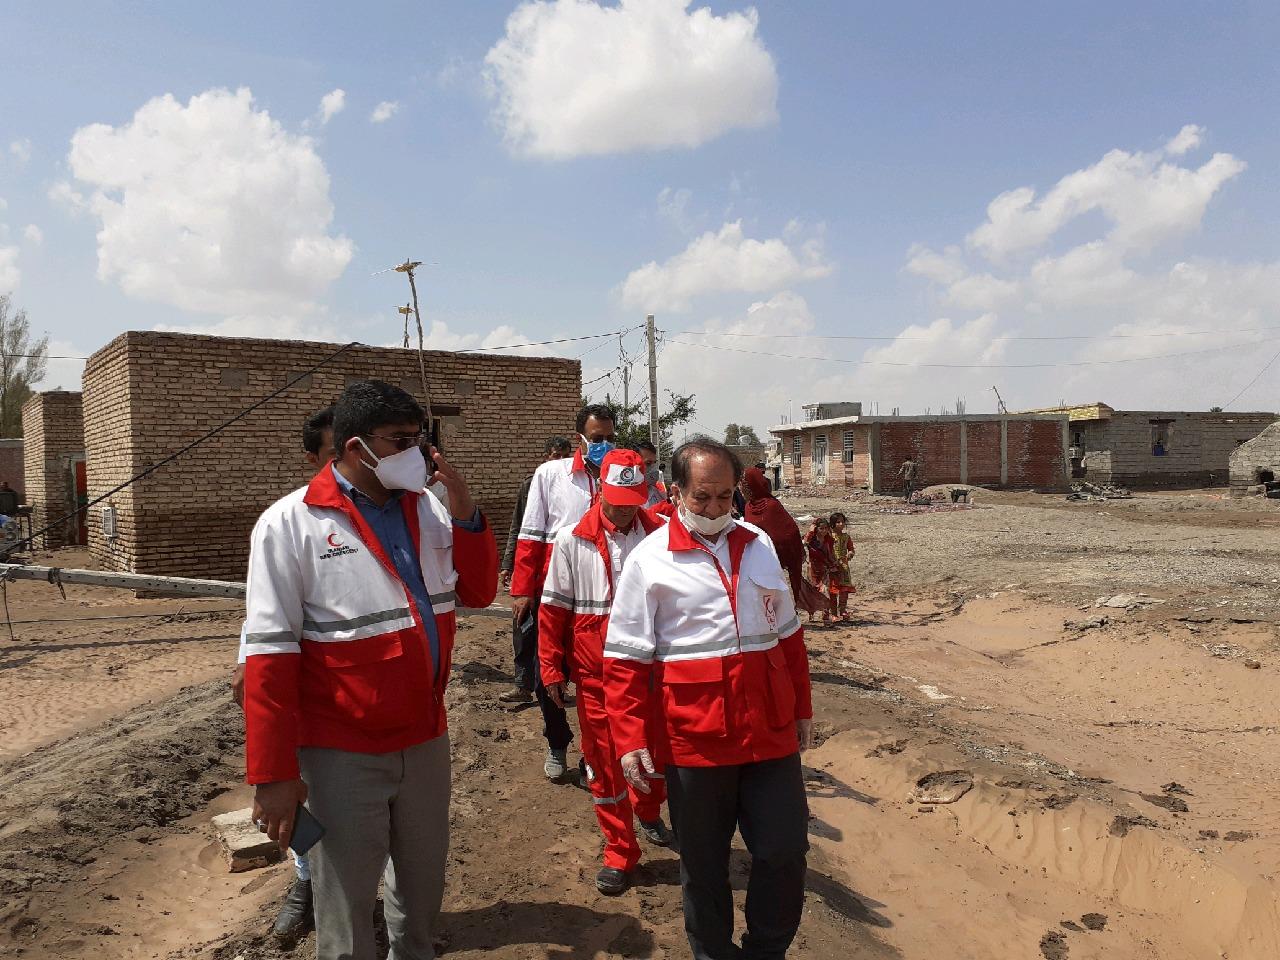 بازدید رئیس سازمان امداد و نجات جمعیت هلال احمر کشور از مناطق سیلزده